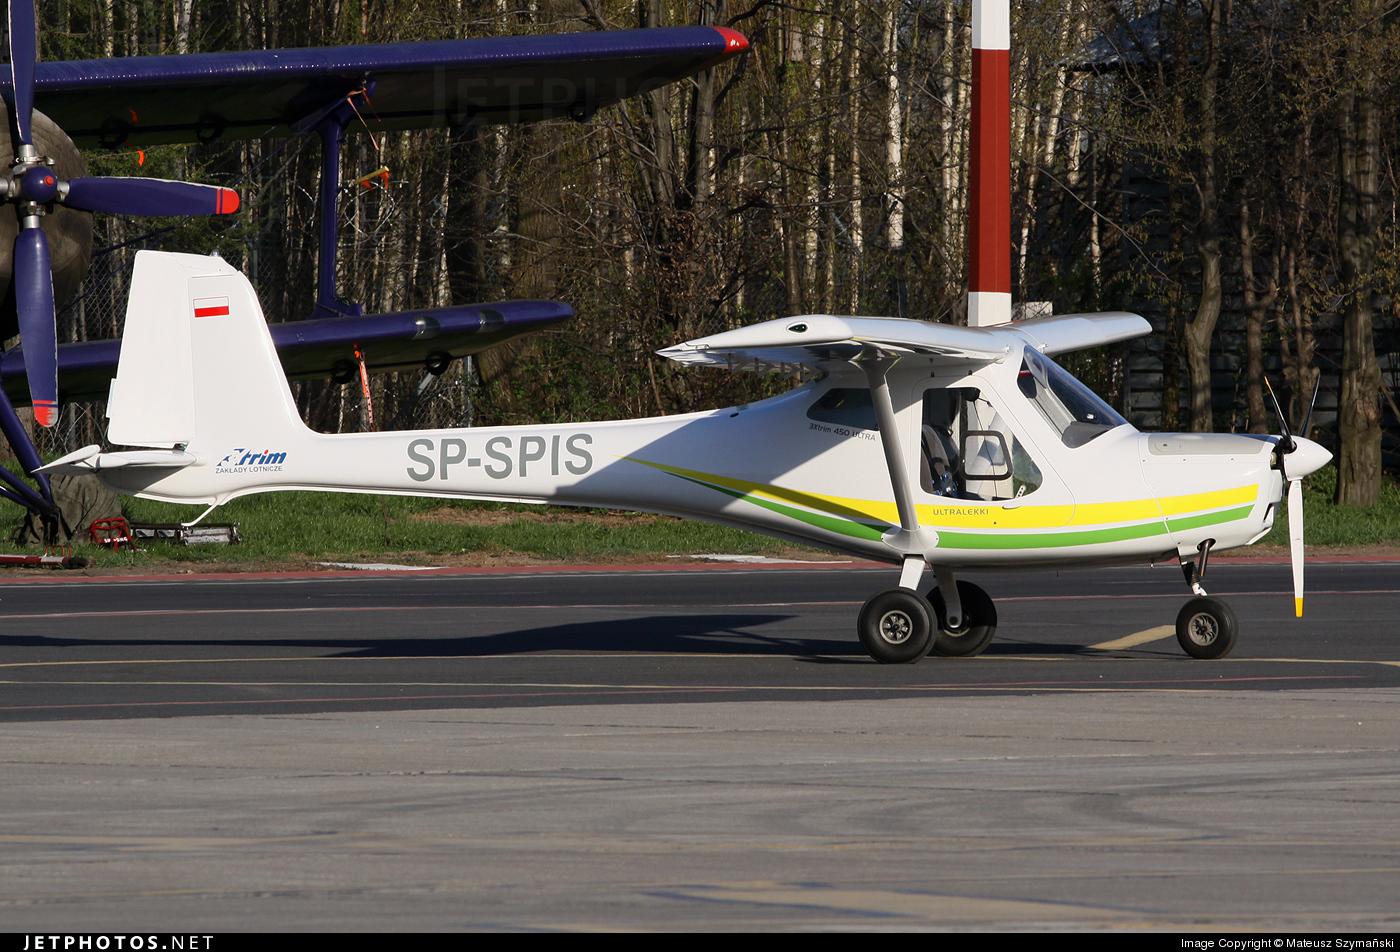 SP-SPIS - 3Xtrim 450 Ultra - Private